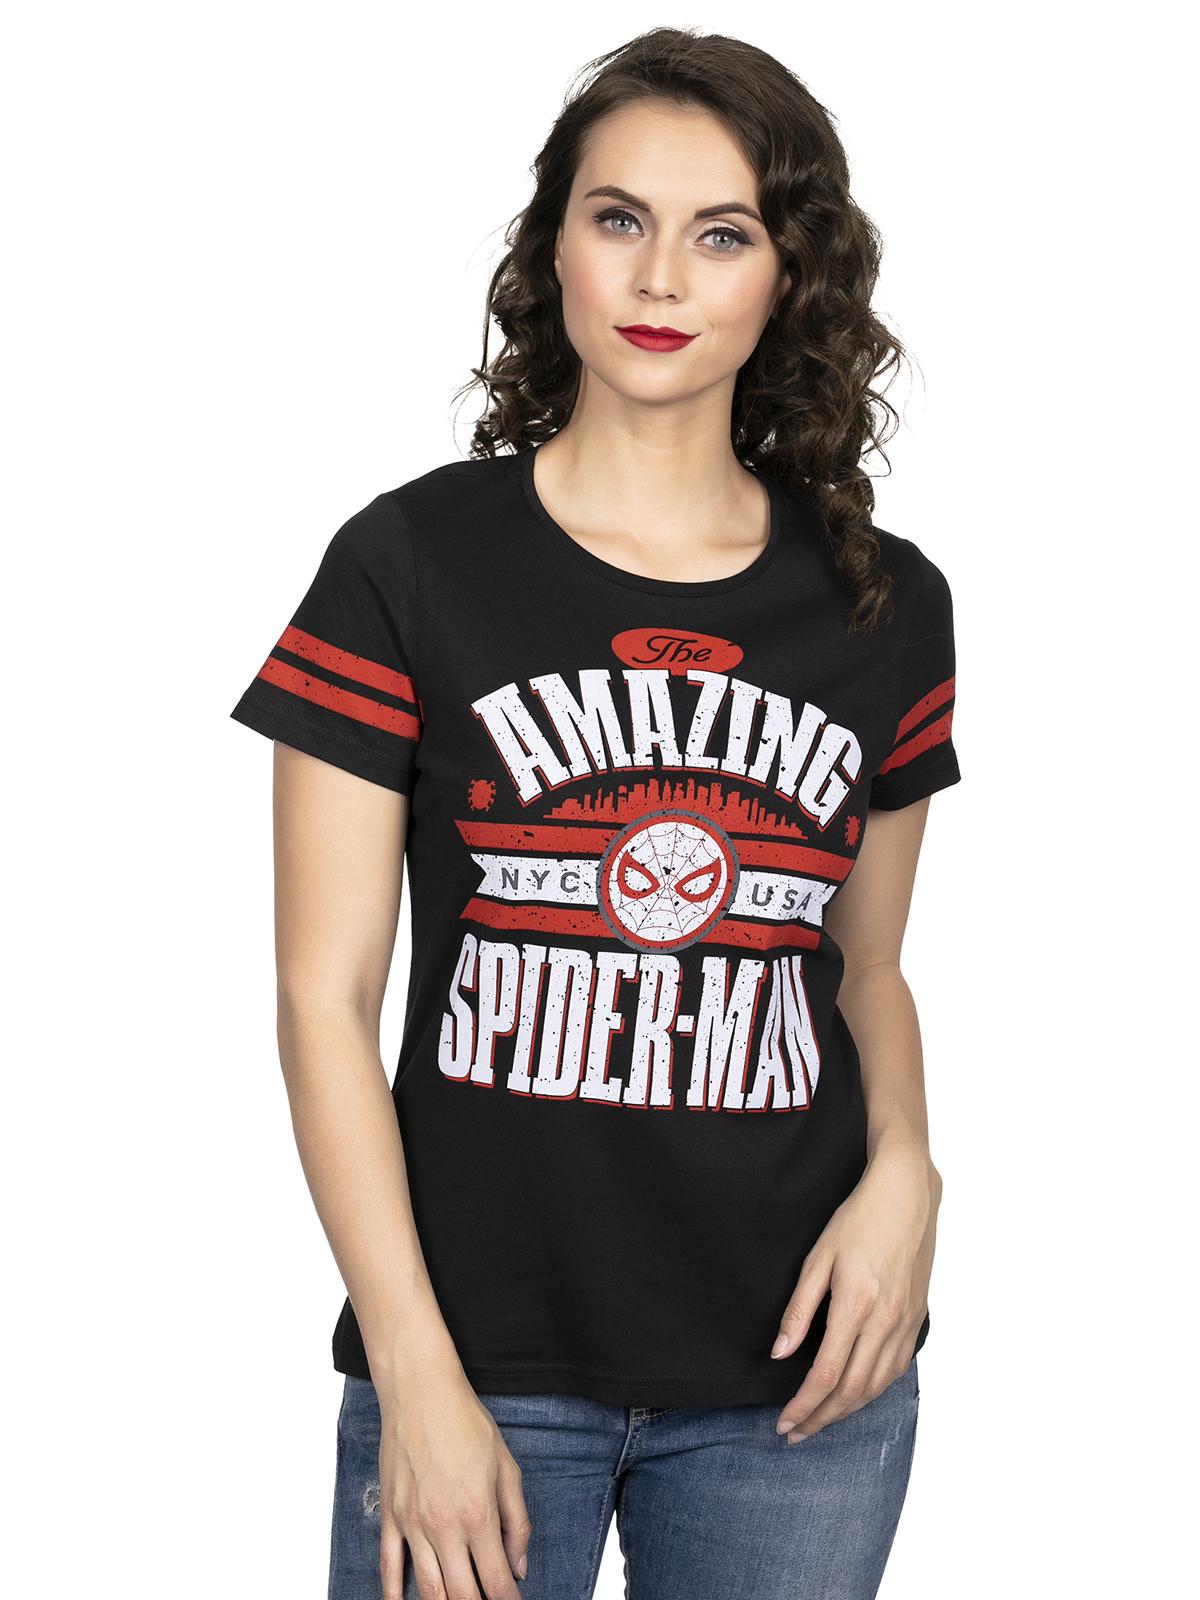 Oberteile - Spiderman Amazing Girl Shirt schwarz – Größe L  - Onlineshop NAPO Shop